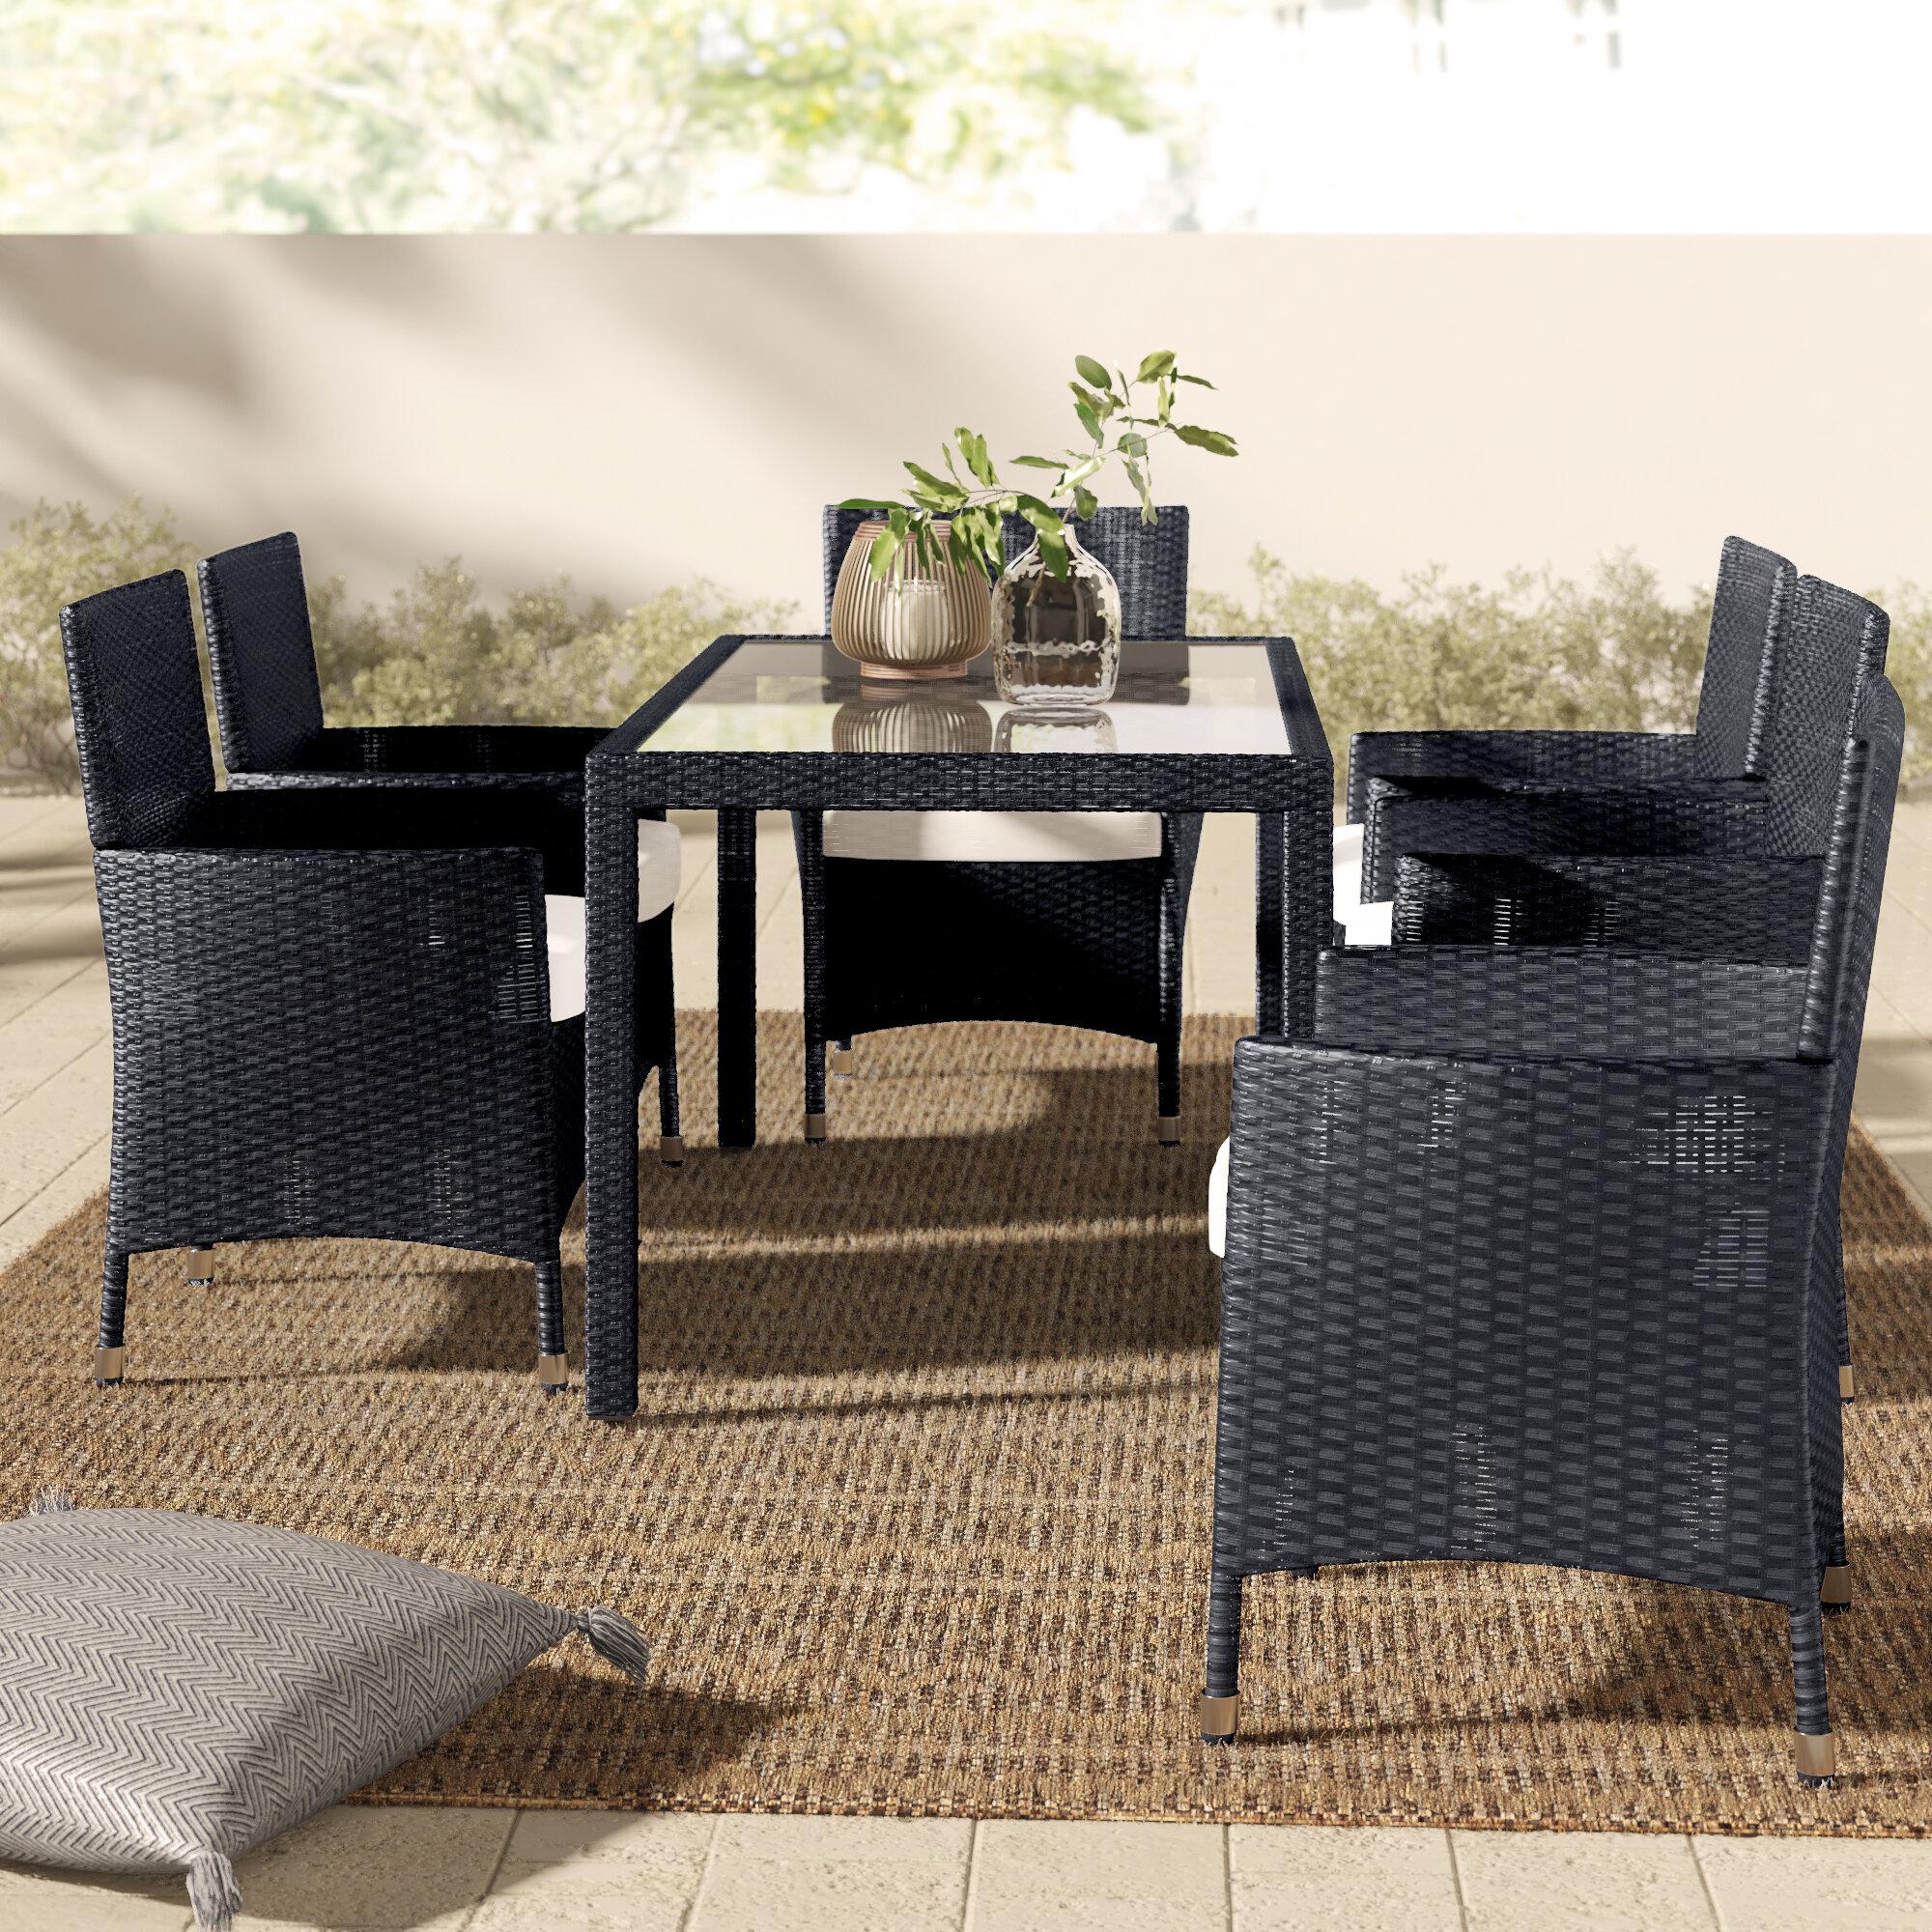 Mistana Alani 7 Piece Dining Set With Cushions Reviews Wayfair